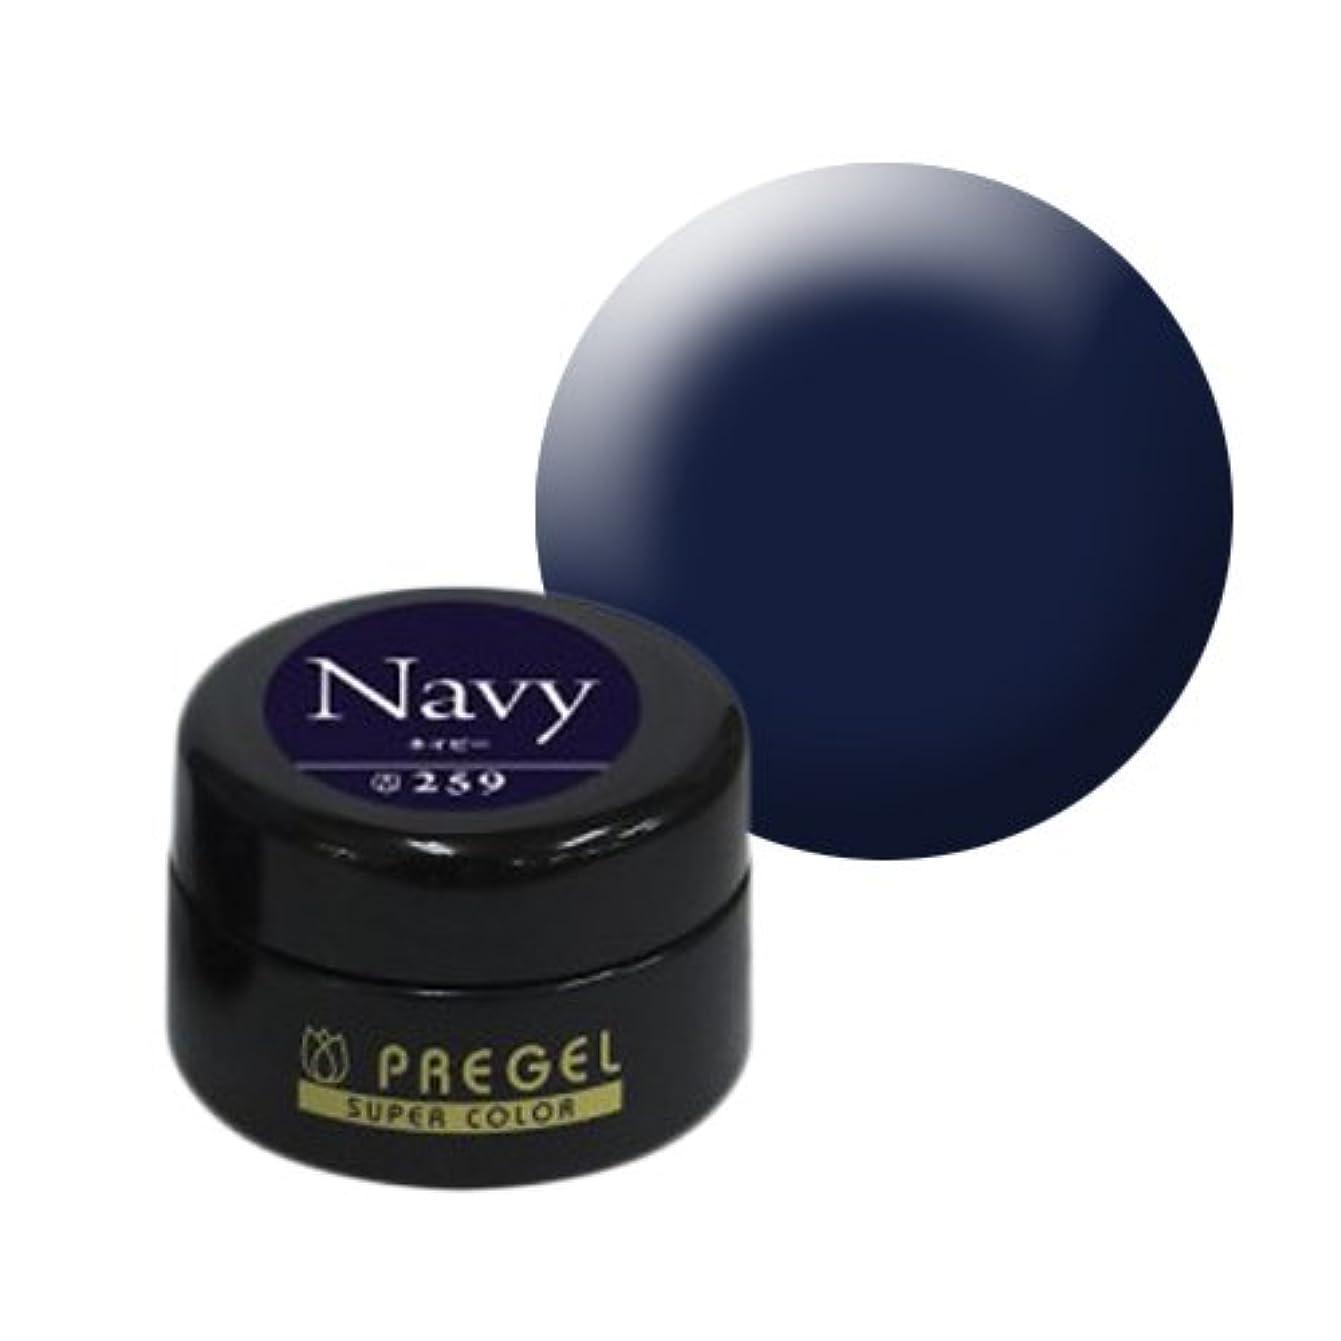 独立した脆い鉛筆【PREGEL】カラーEx ネイビー / PG-CE259 【UV&LED】プリジェル カラージェル ジェルネイル用品